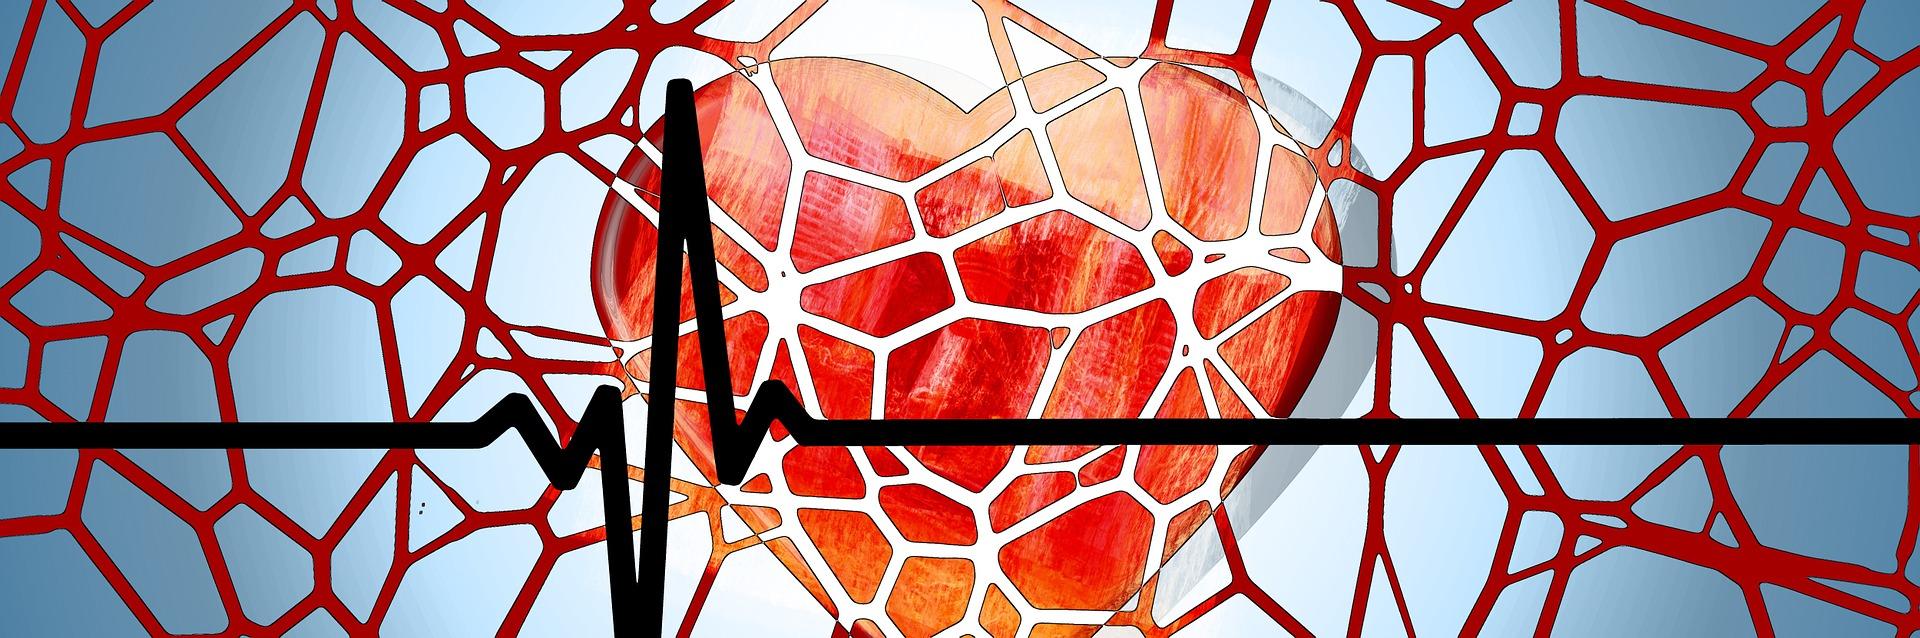 Pixabay-heart-1222517_1920